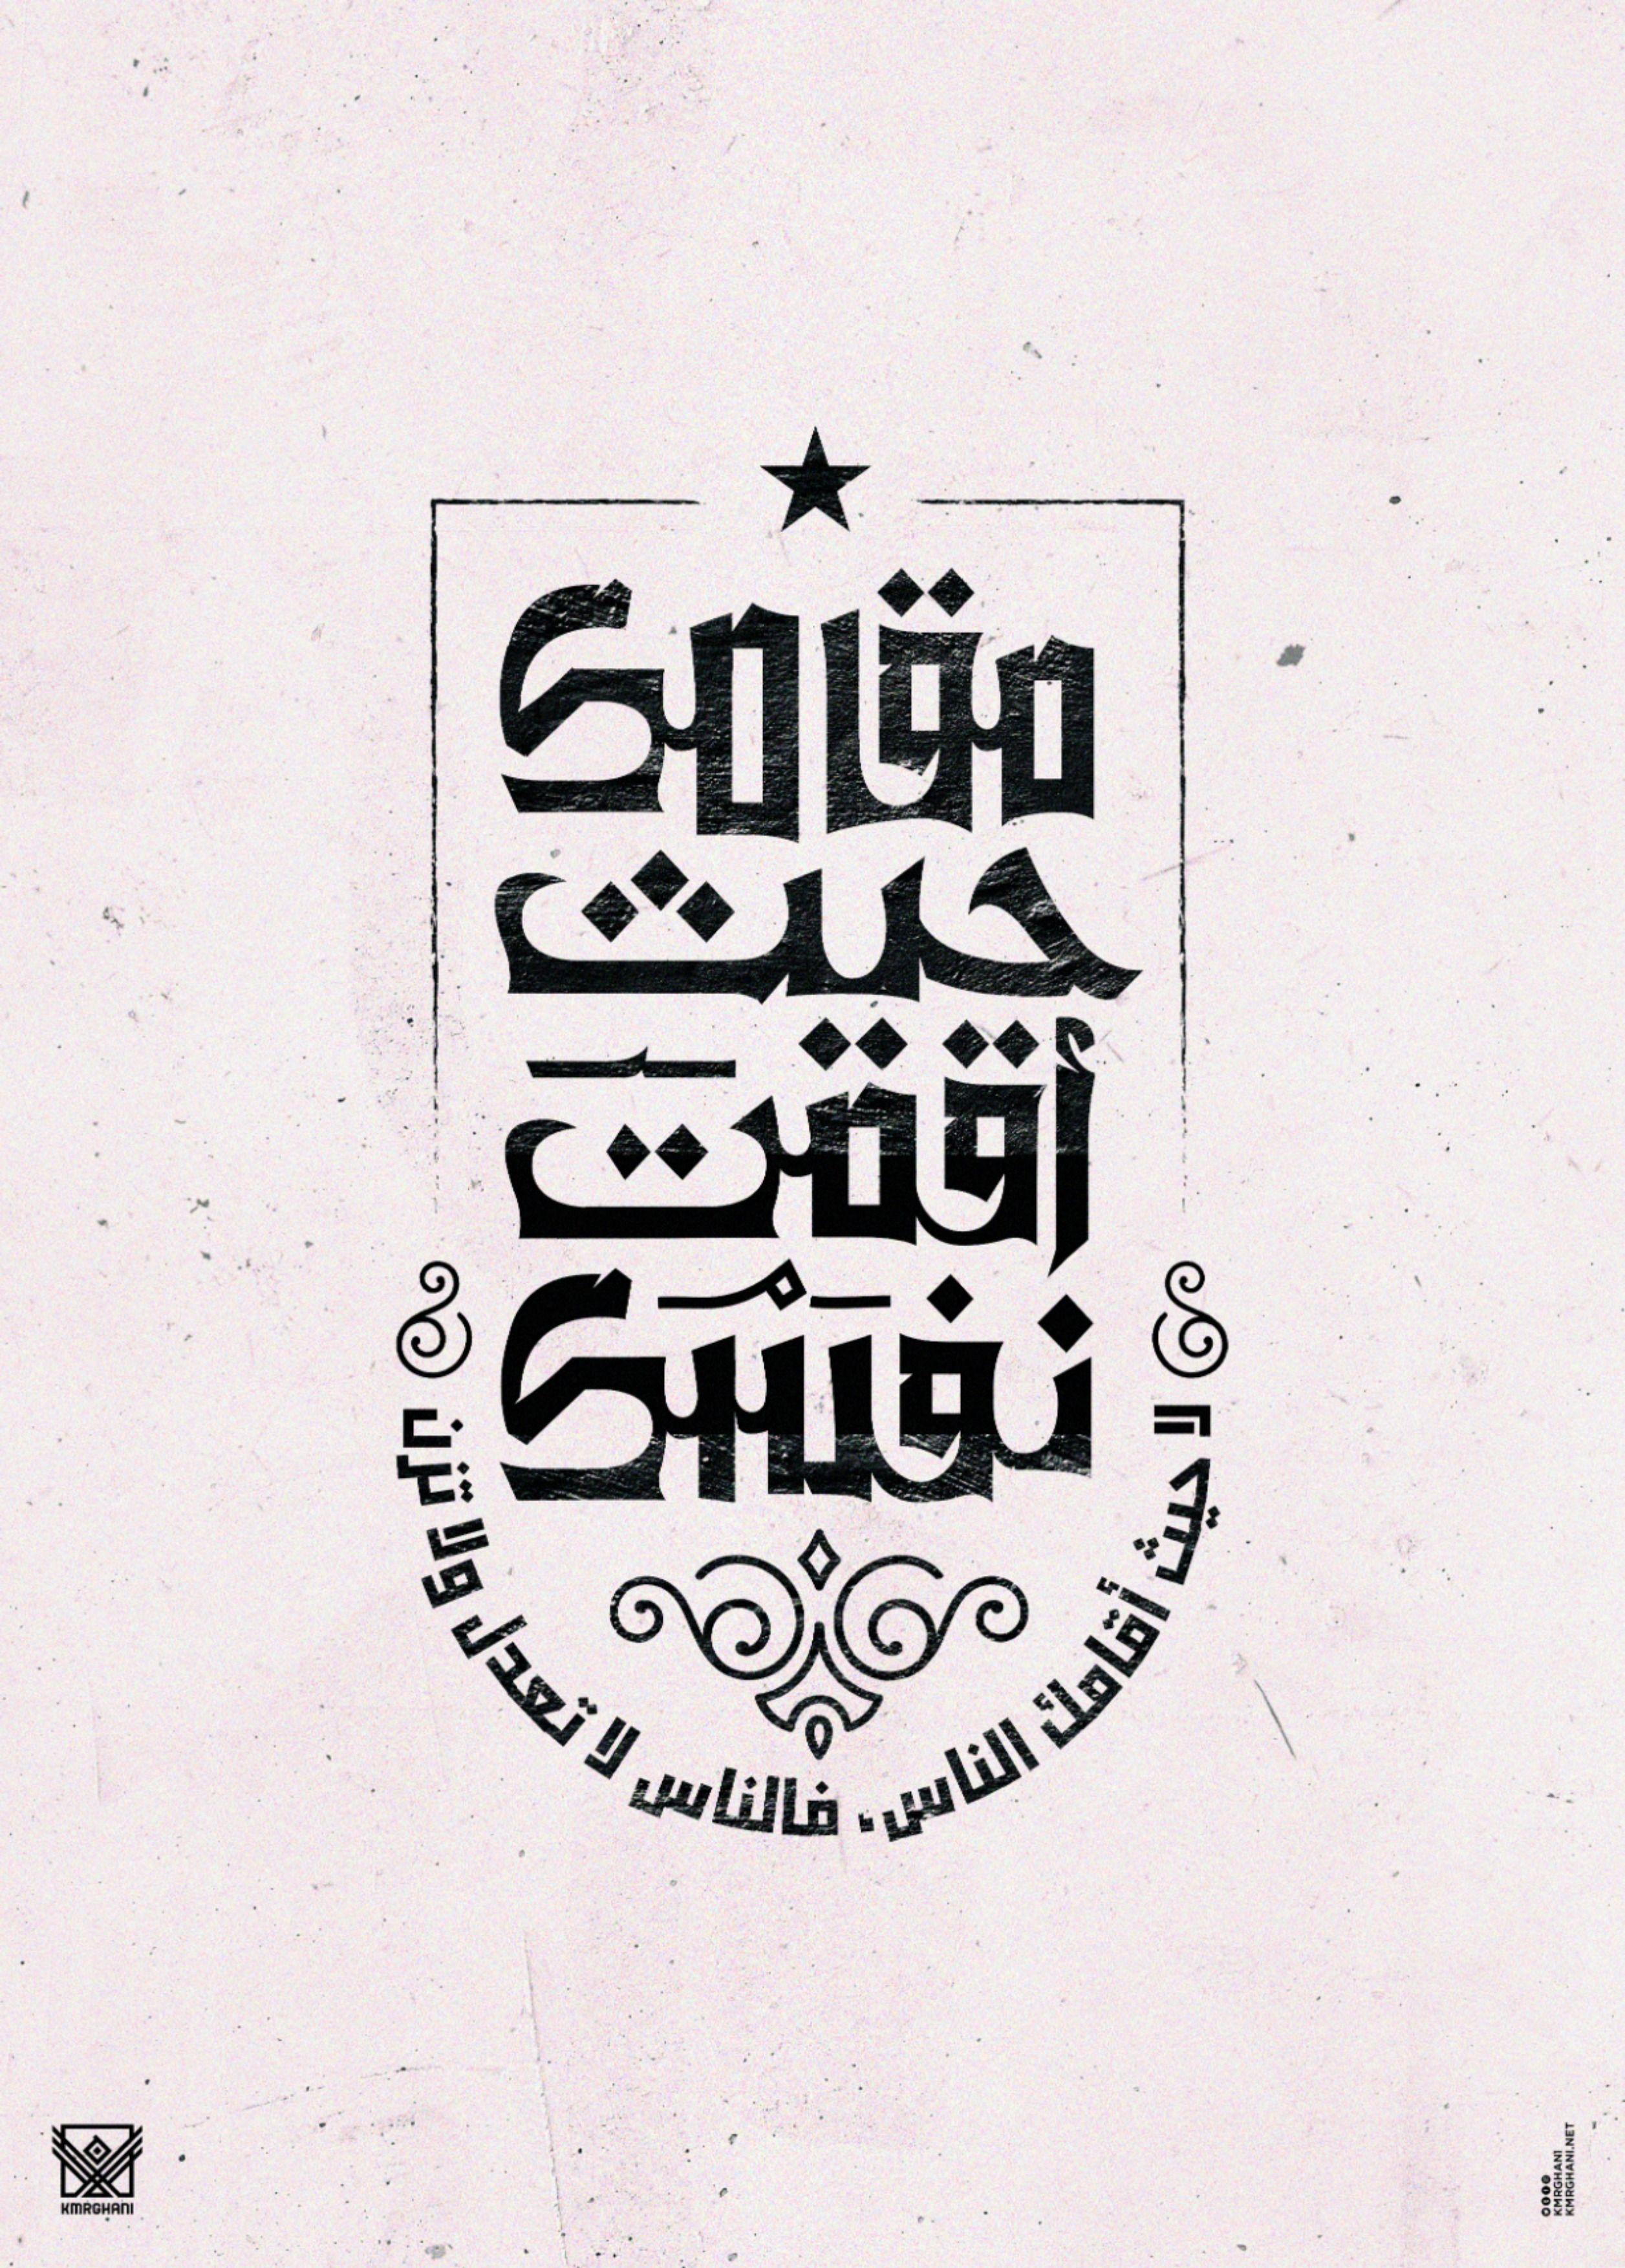 مقامك حيث أقمت نفسك لا حيث أقامك الناس فالناس لا تعدل ولا تزن Calligraphy Words Calligraphy Art Quotes Calligraphy Quotes